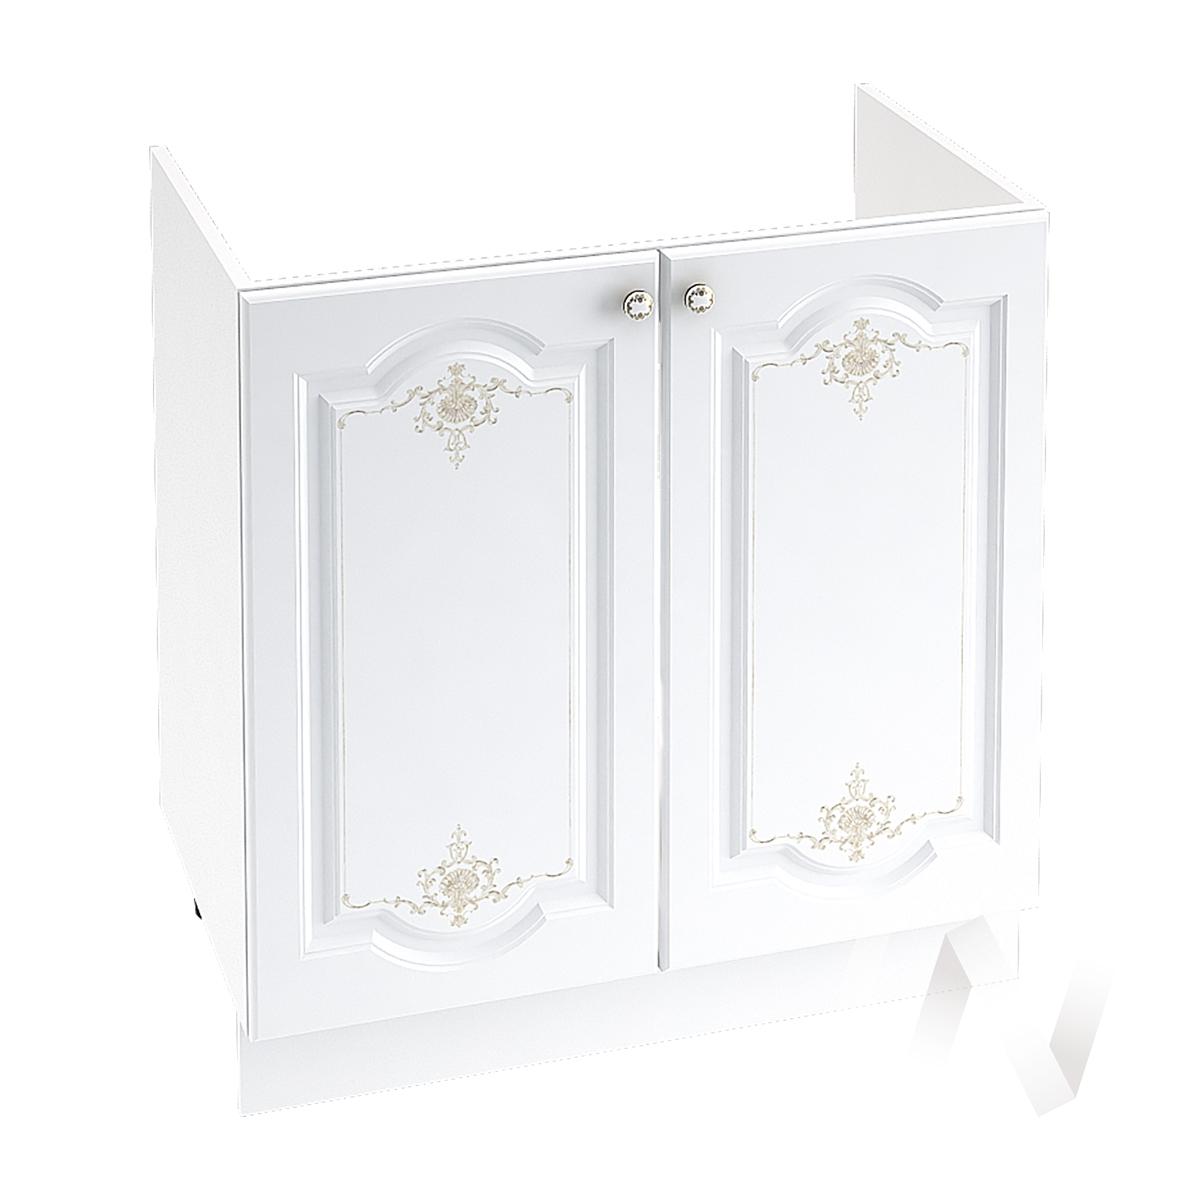 """Кухня """"Шарлиз"""": Шкаф нижний под мойку 800, ШНМ 800 новый (корпус белый)"""